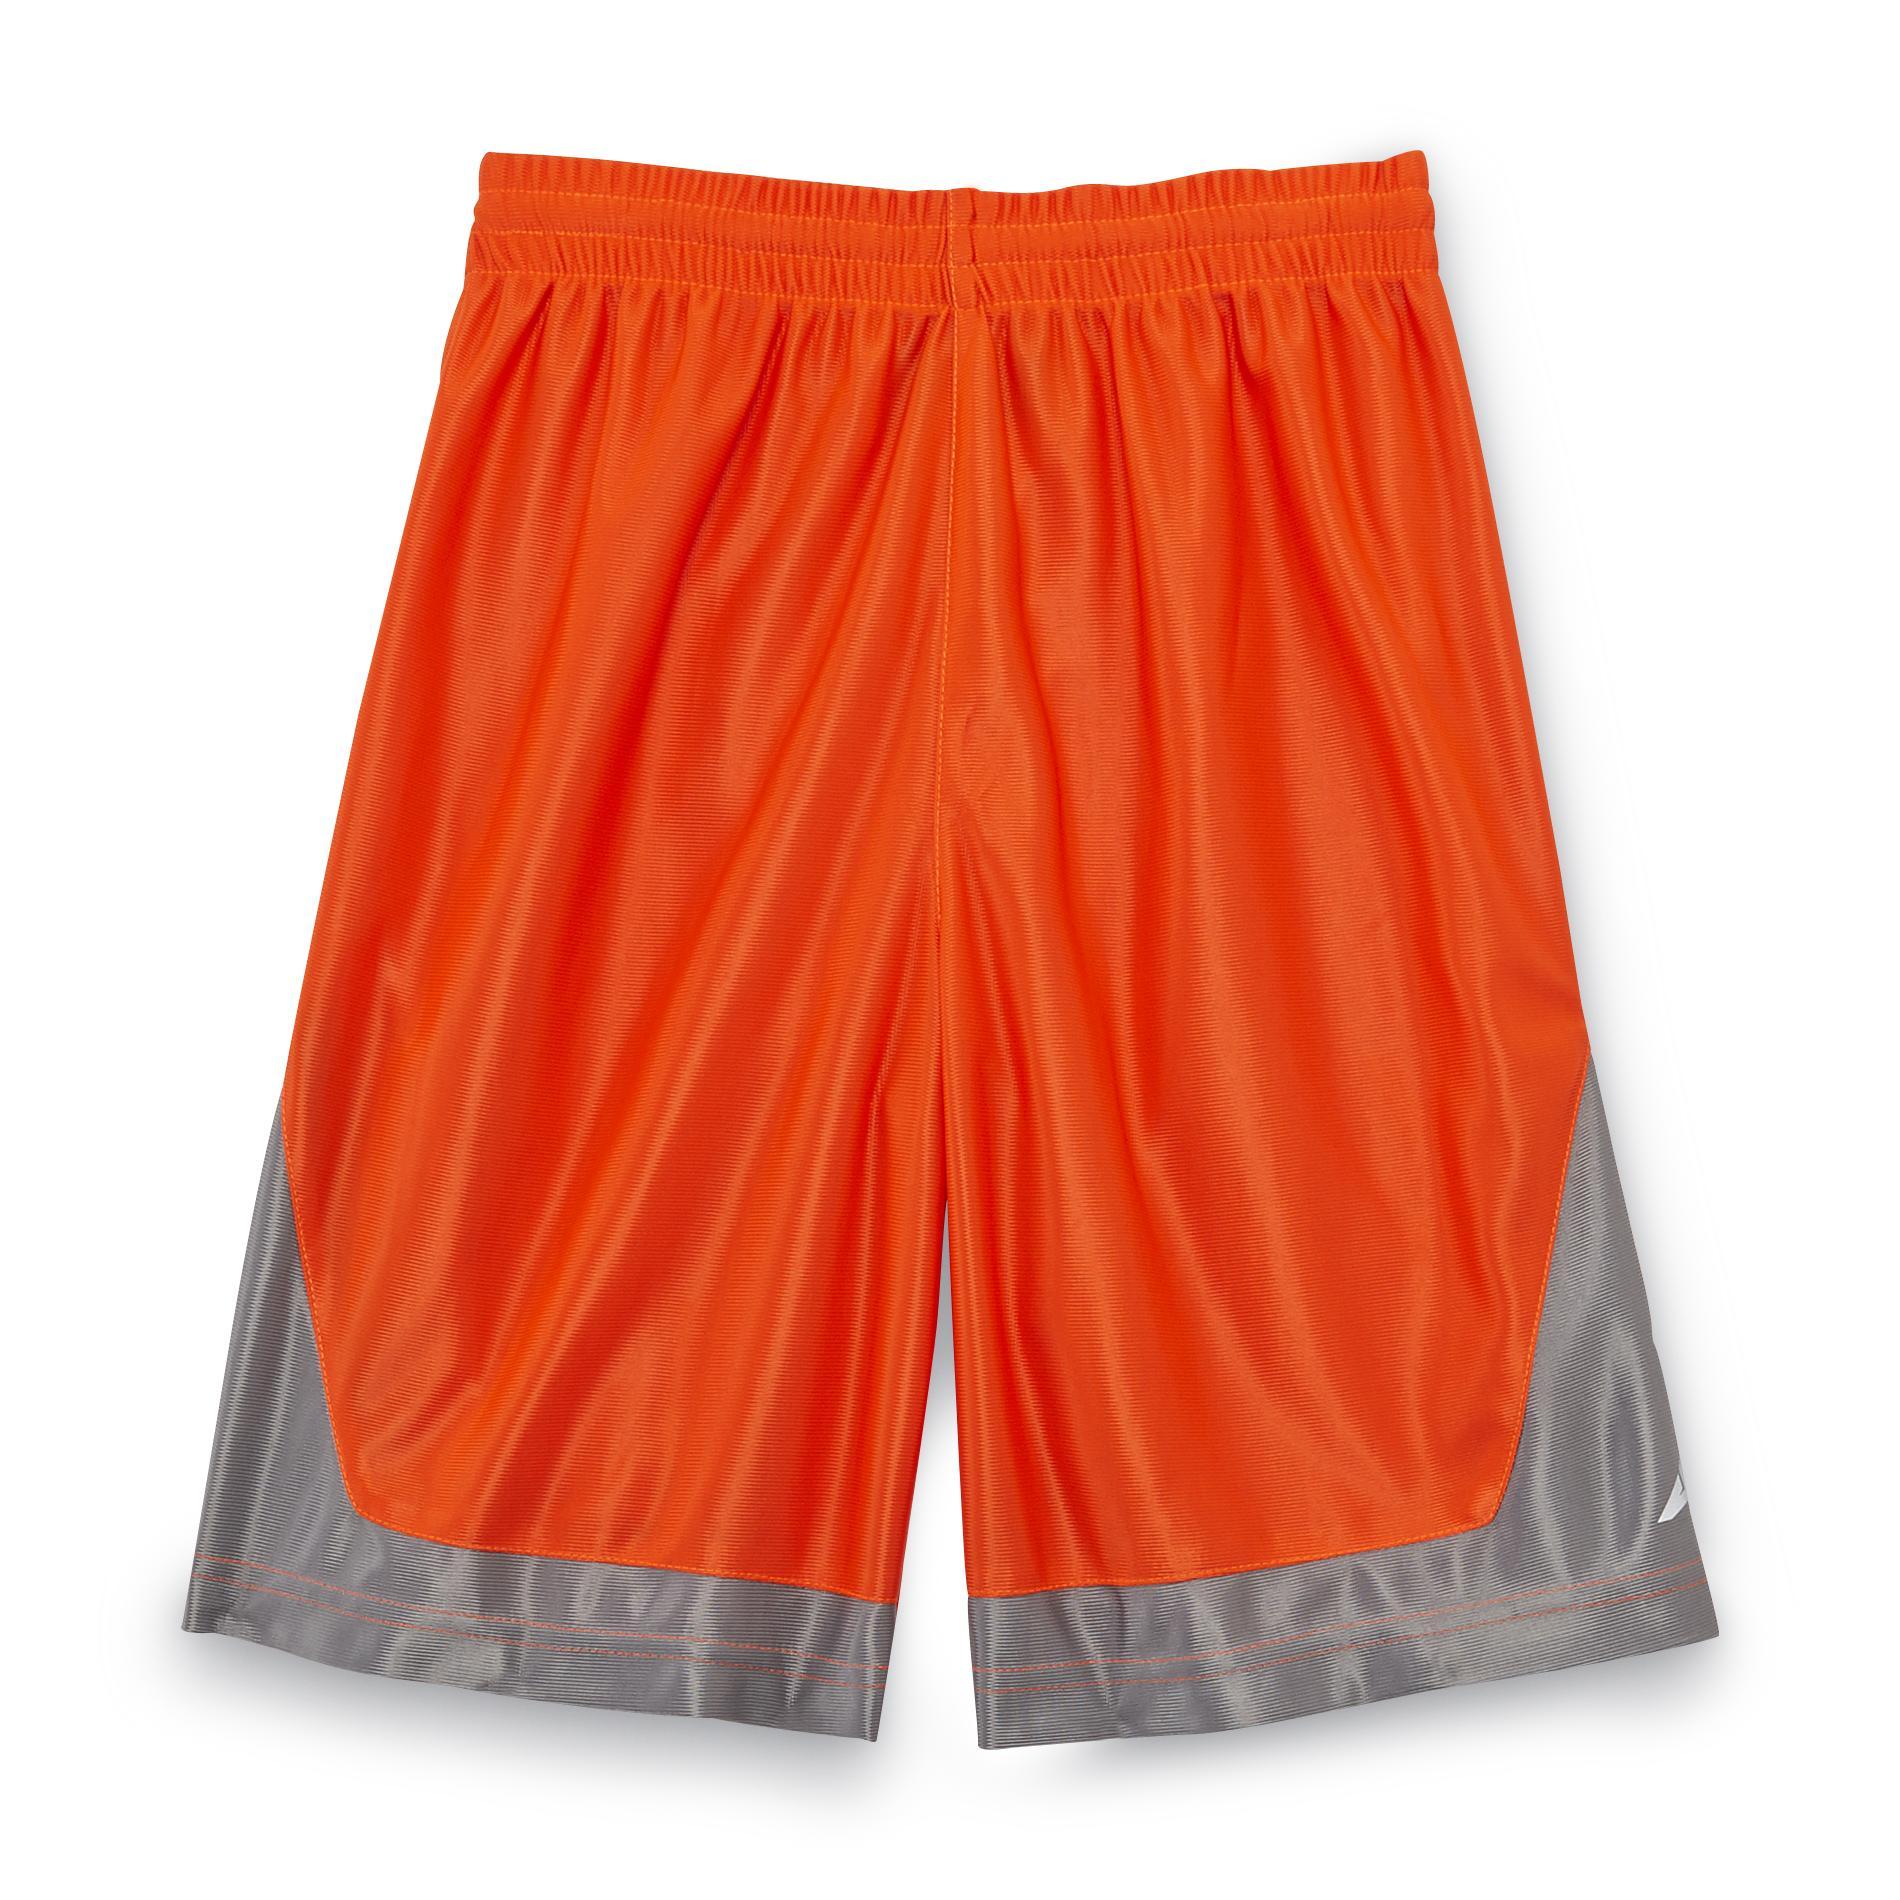 Athletech Boy's Dazzle Athletic Shorts